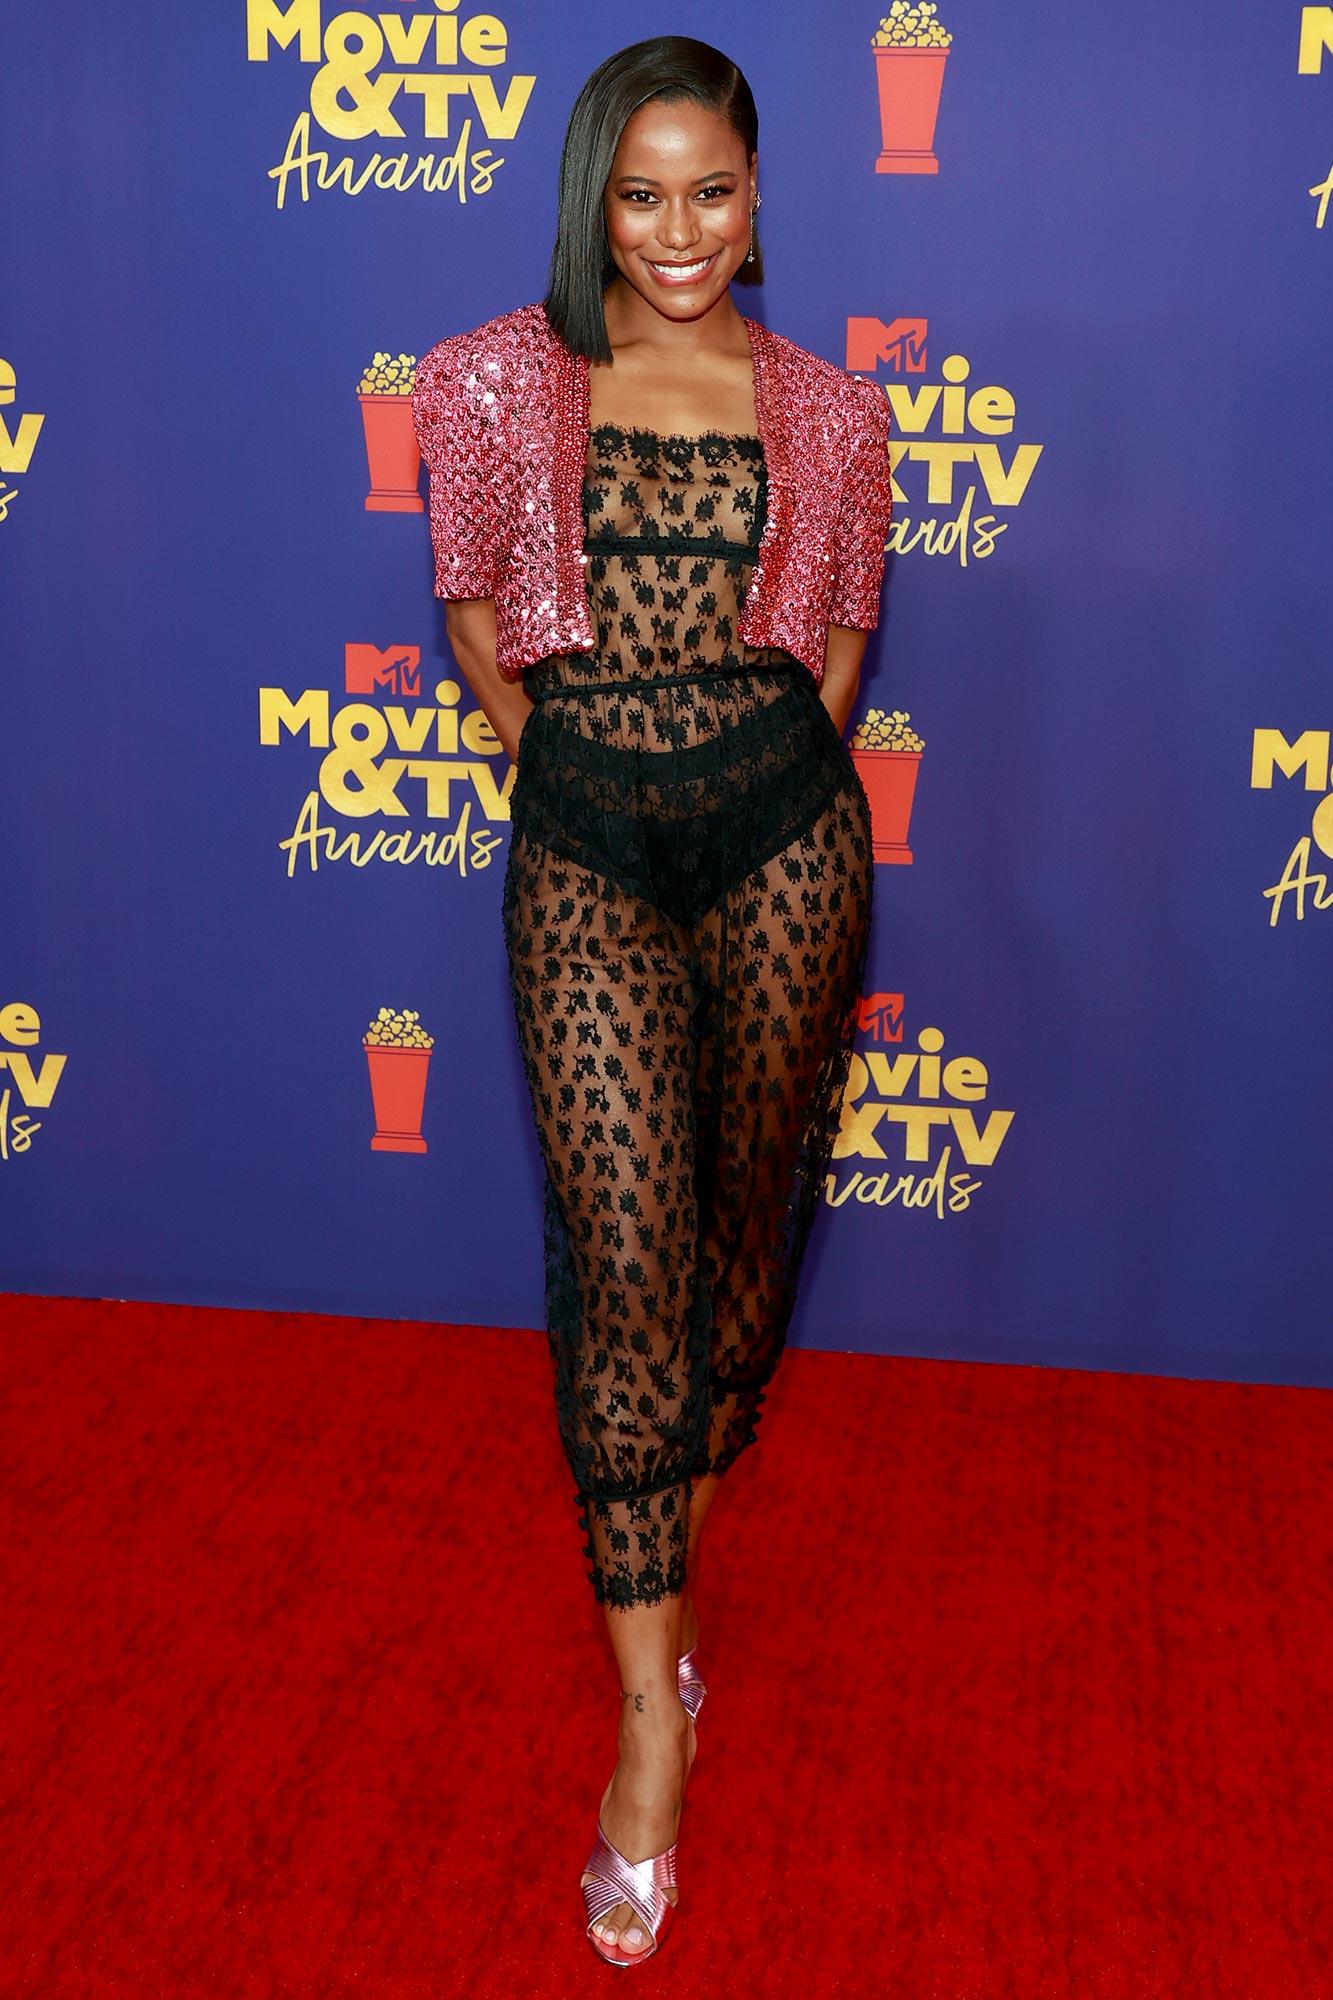 MTV Movie & TV Awards Taylour Paige